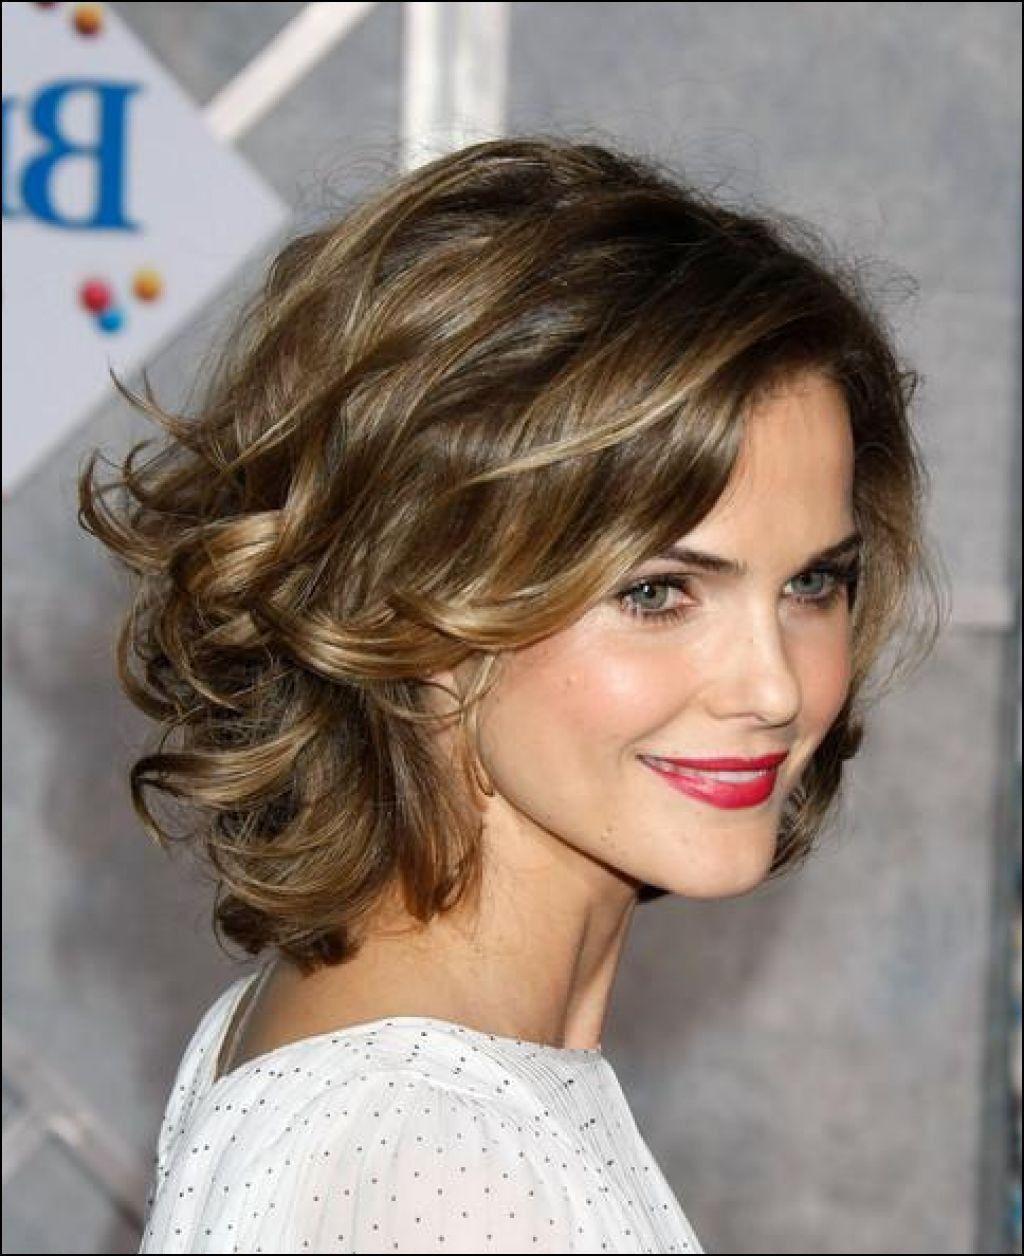 Big Curls Short Hairstyles Medium Curly Hair Styles Medium Short Hair Short Hairstyles For Thick Hair